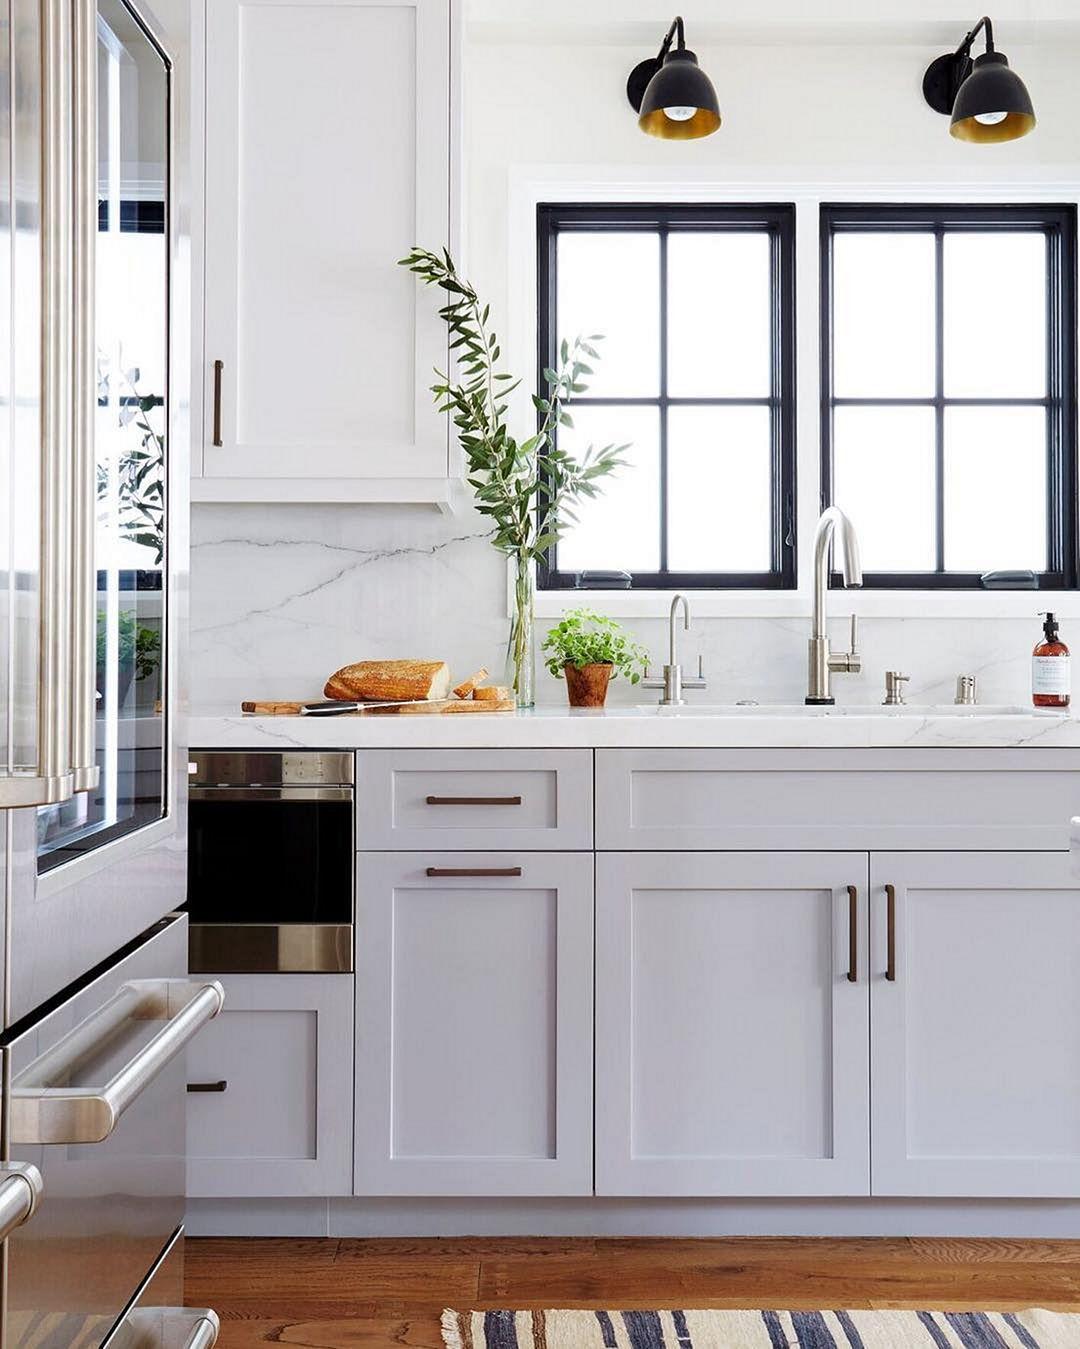 Best Traditional Kitchen Design Ideas 24